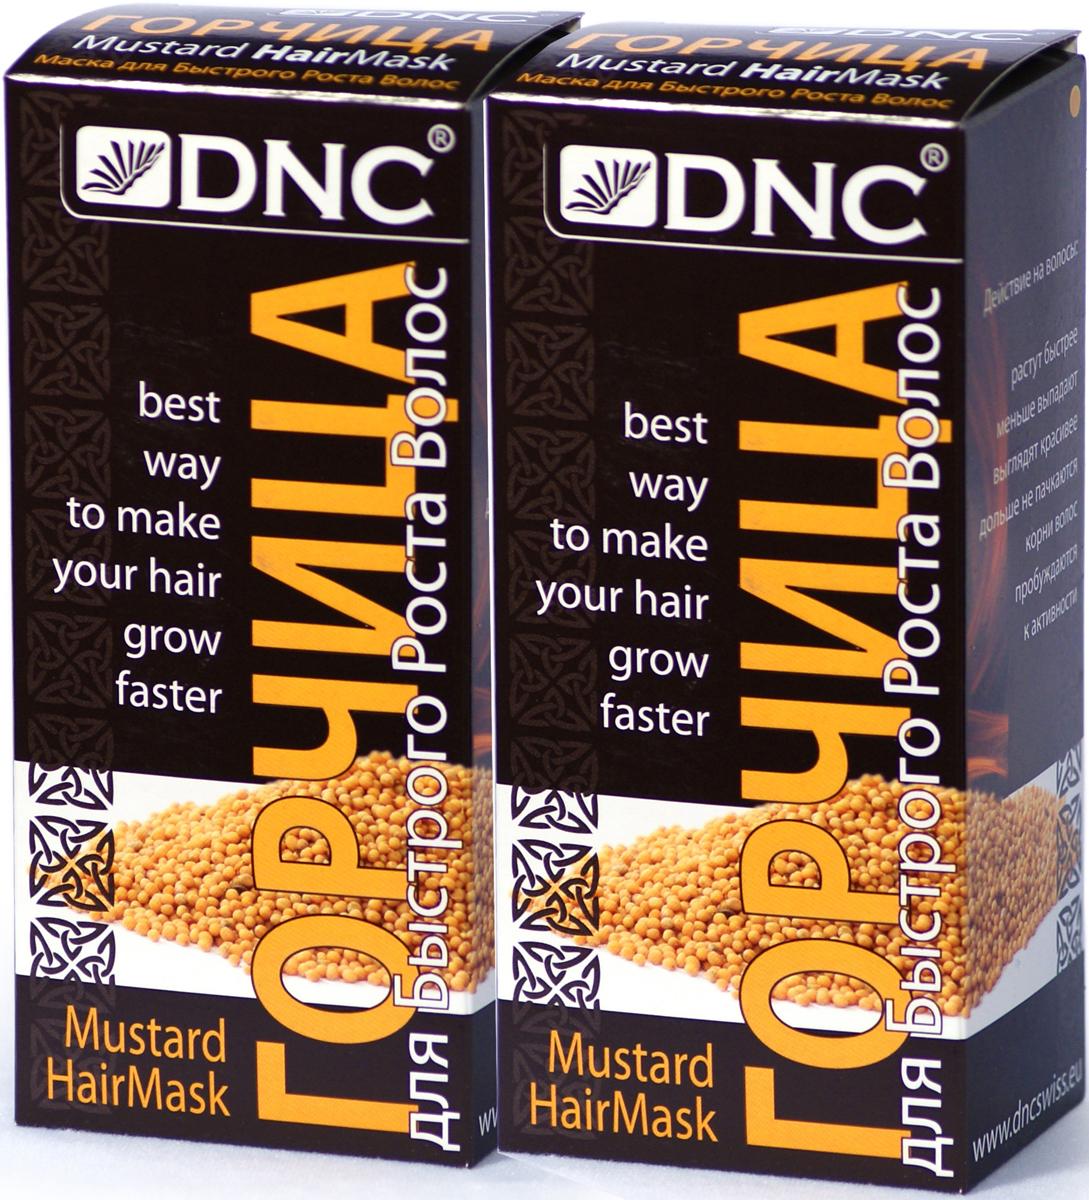 DNC Горчица для волос + Горчица для волос (2*100г) набор4751006752498Маска вызывает приток кровик корням волос, способна разбудить и заставить активнее расти самые ленивые волоски. Усиленнный кровоток доставляет питательные вещества и кислород, необходимые для здорового роста прямо к луковицам, а лечебные травы и аминокислоты поддерживают стимуляцию их работы. Набор из 2х шт. В каждой 2 пакета по 50 грамм.